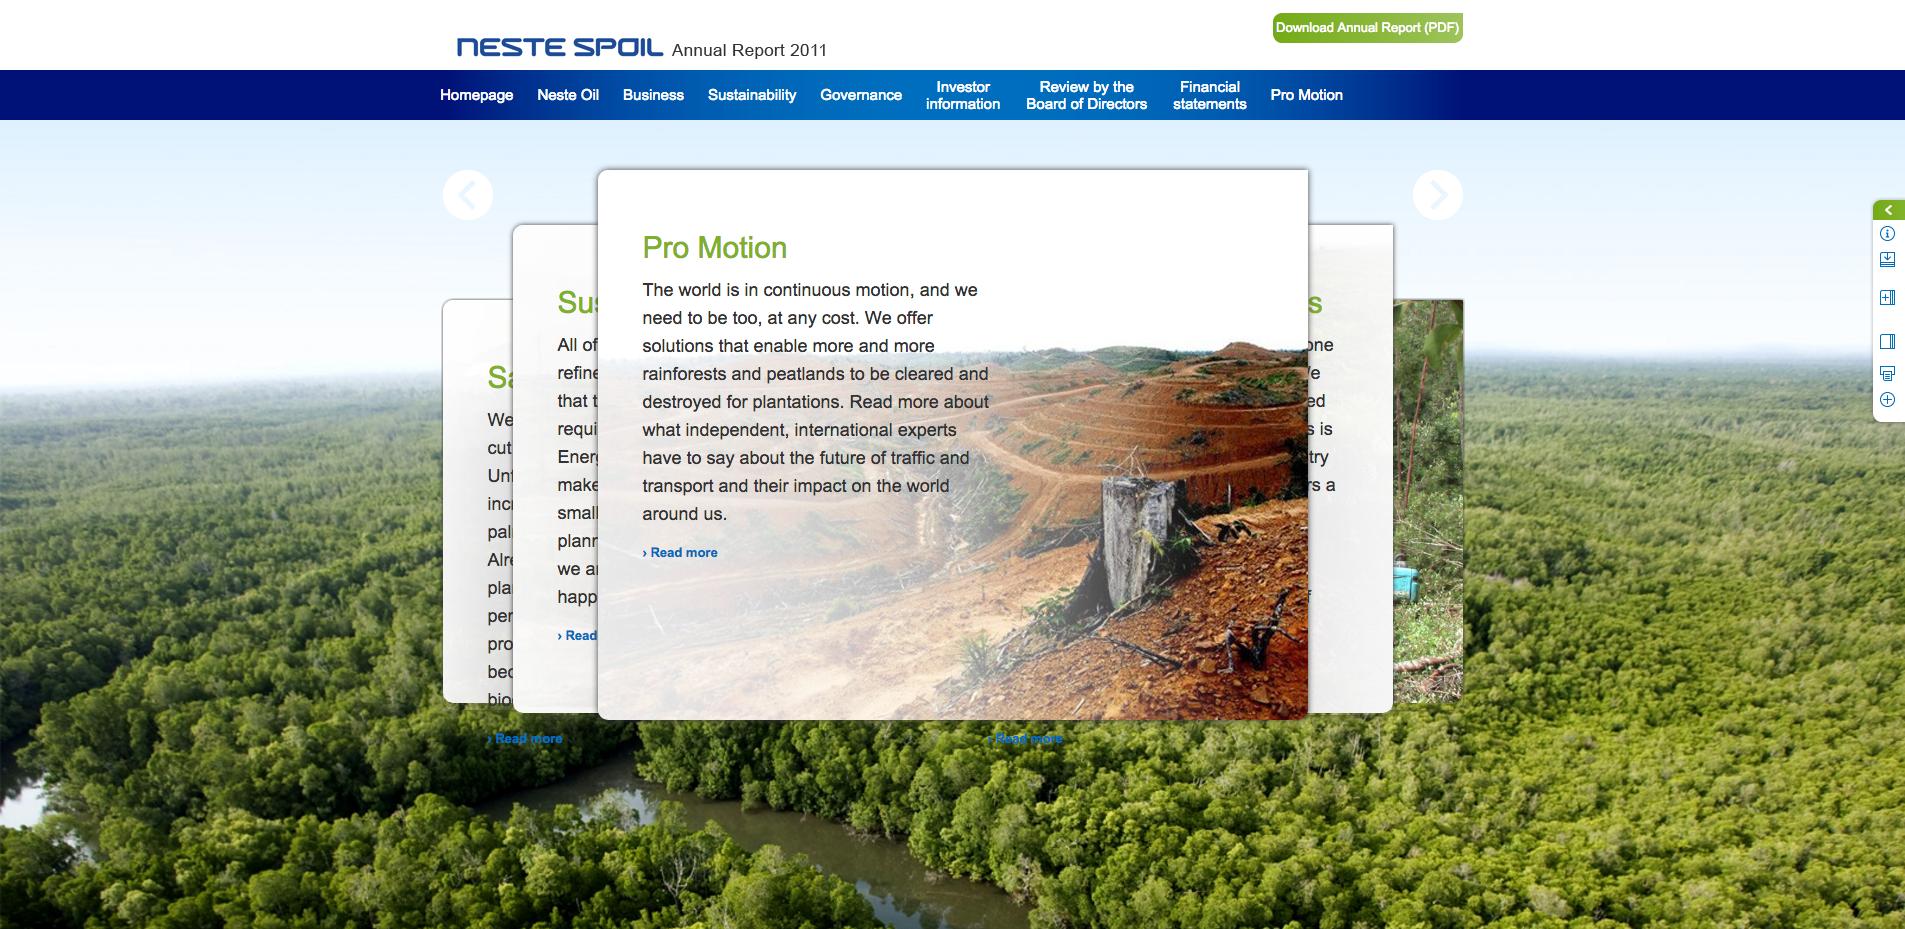 Vuonna 2011 Neste Oil Oyj suuttui Greenpeacen Neste Spoil -parodiasivustosta. Greenpeacen sijaan öljy-yhtiö uhkaili ruotsalaisyhtiötä, jonka serverillä sivusto sijaitsi. Palvelinhotelli Loopia sulki sivuston. YK:n alainen teollis- ja tekijänoikeuksia suojaava järjestö WIPO käsitteli tapausta Neste Oilin pyynnöstä ja Neste Spoil -parodiasivusto katsottiin täysin soveliaaksi ei-kaupalliseksi kritiikiksi.